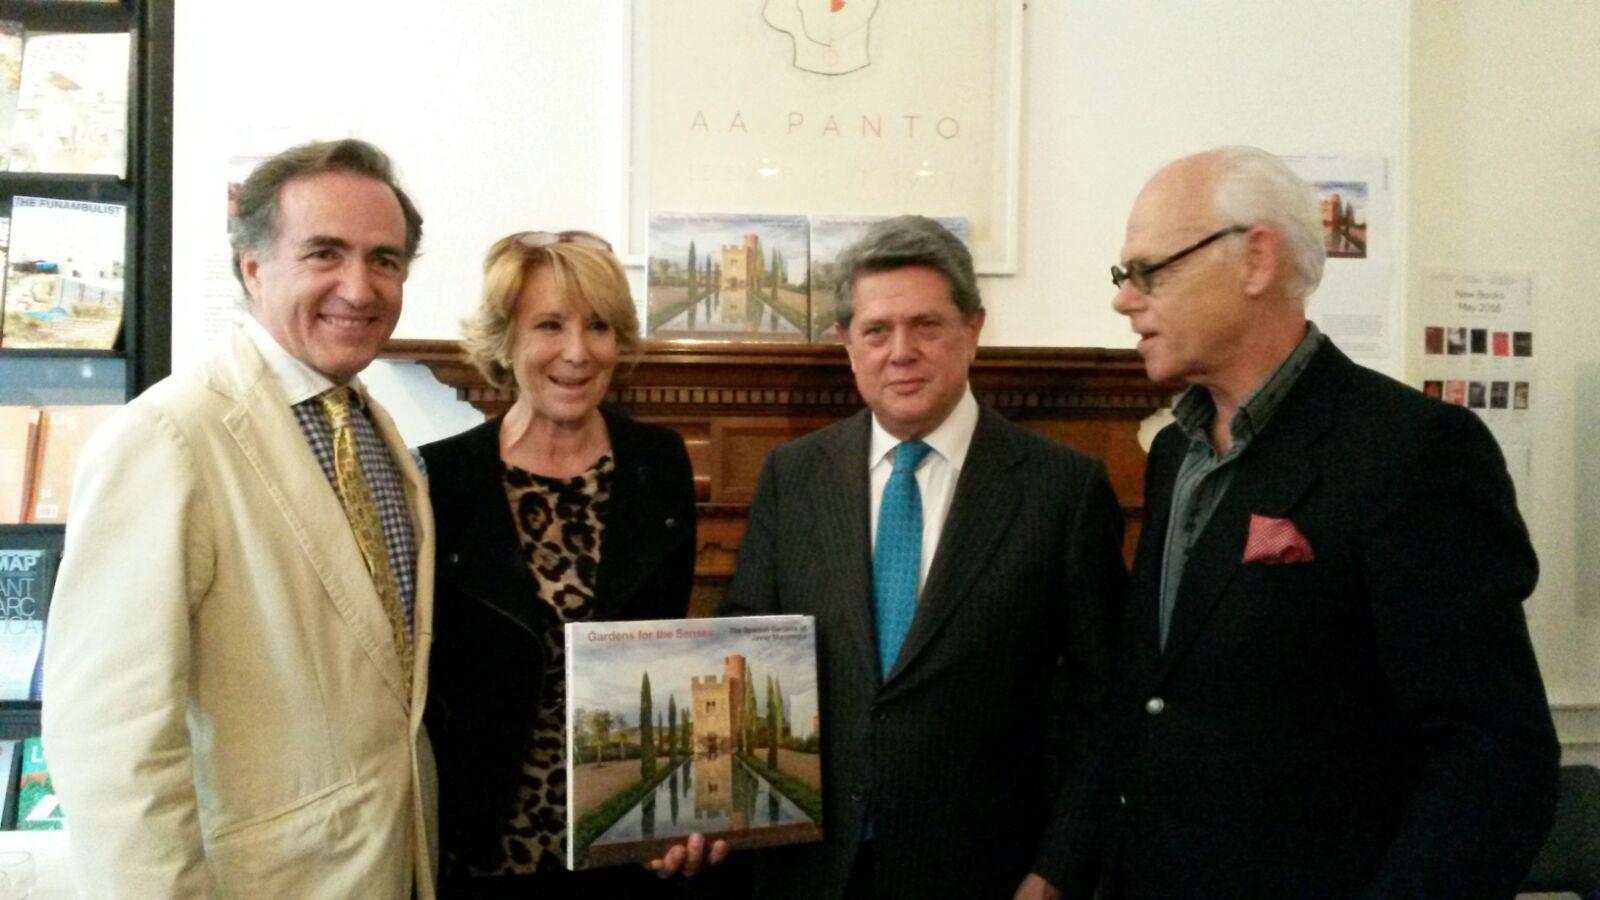 De izquierda a derecha: Javier Mariátegui, Esperanza Aguirre, el Embajador de España en Reino Unido, Federico Trillo y el decorador Juan Luis Libano en el acto de presentación del libro.